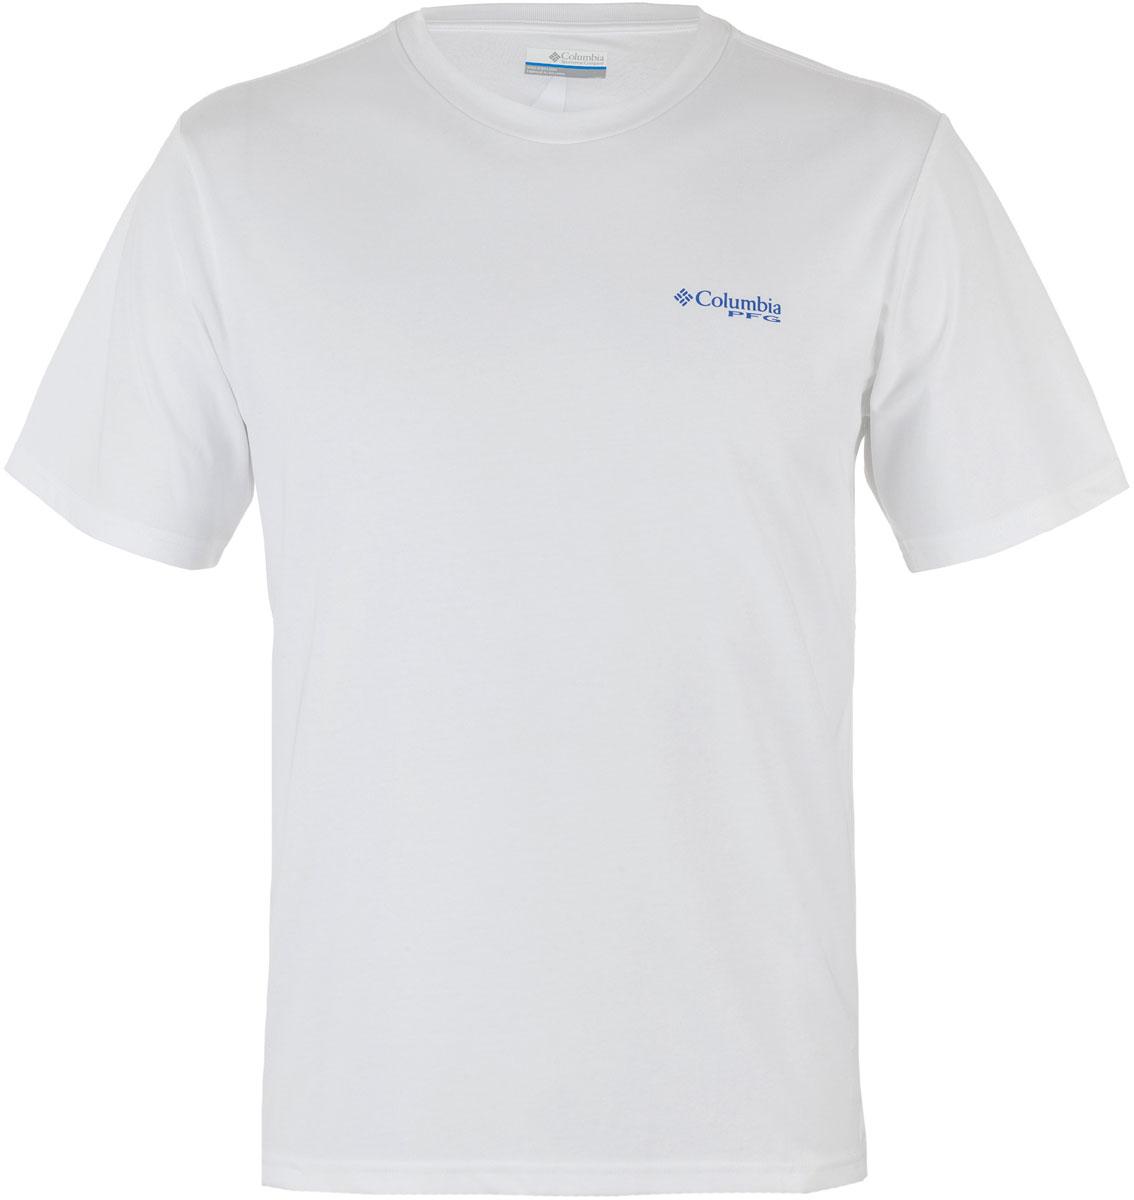 Футболка мужская Columbia PFG Tools Elements SS T-shirt, цвет: белый. 1717221-100. Размер M (46/48)1717221-100Футболка Columbia - оптимальный вариант для активного отдыха и повседневного использования. Модель выполнена из хлопка, что обеспечивает максимально комфортные ощущения во время использования.